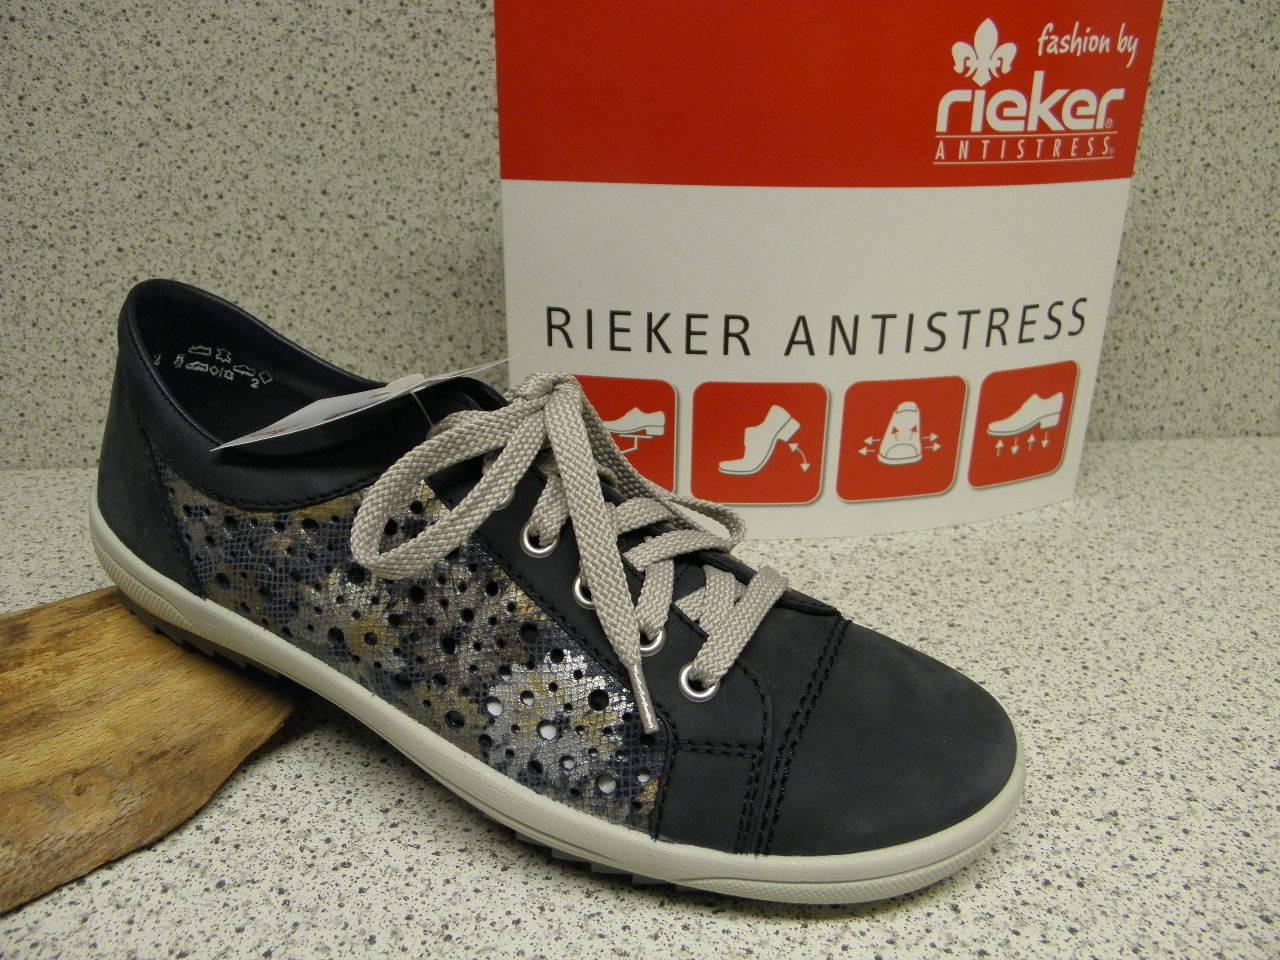 Rieker ® rojouce, hasta ahora    super cómodos azul m6015-15 (r372)  envío gratis